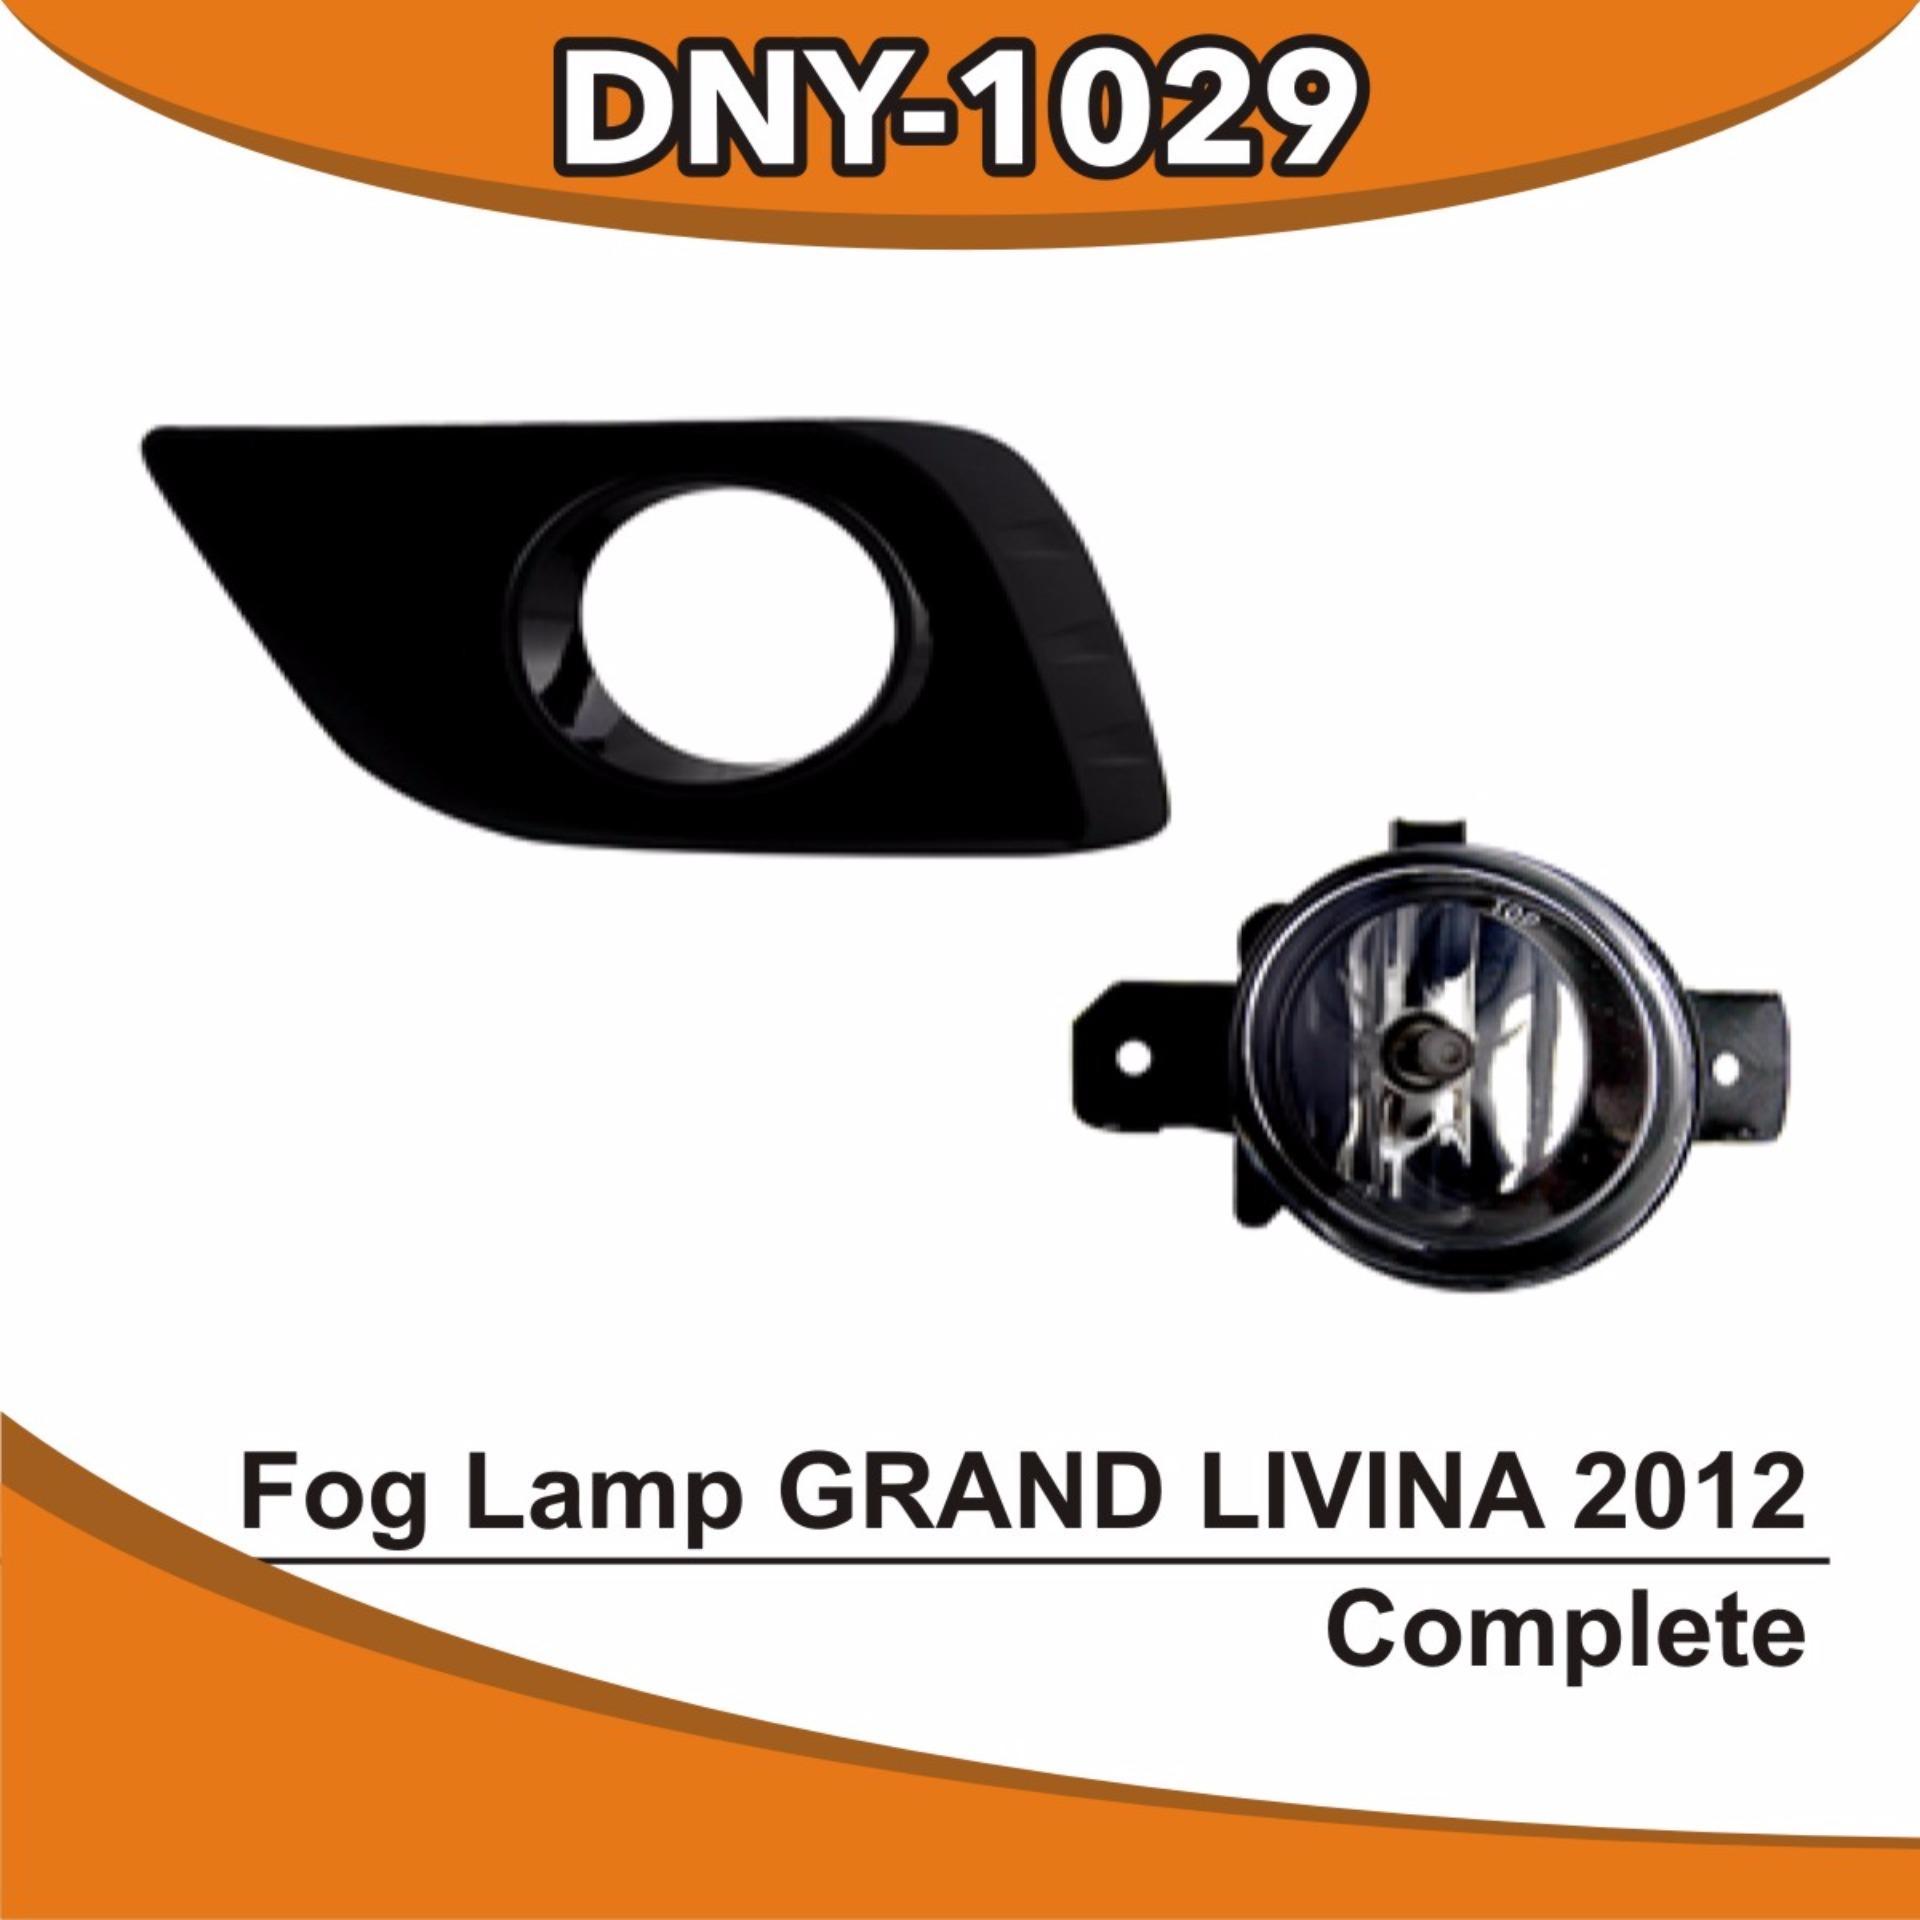 Harga Baru Fog Lamp Grand Livina 2012 Complete Perbandingan Nissan Elgrand Karpet Mobil Comfort Deluxe 12mm Car Mat Full Set